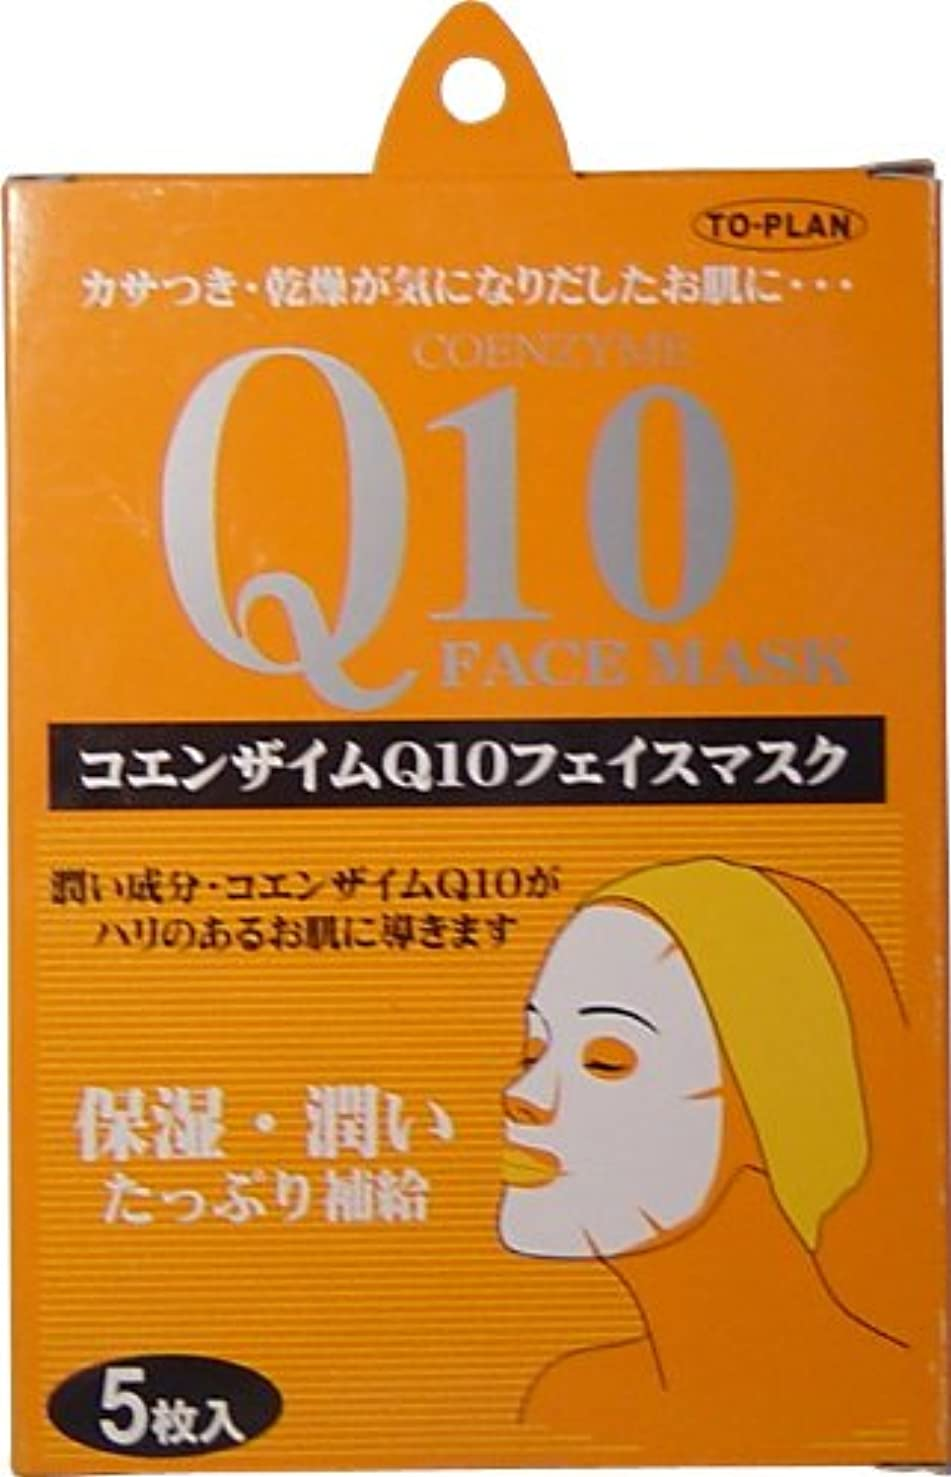 バイオリン杭一貫性のないトプラン コエンザイムQ10フェイスマスク 5枚入